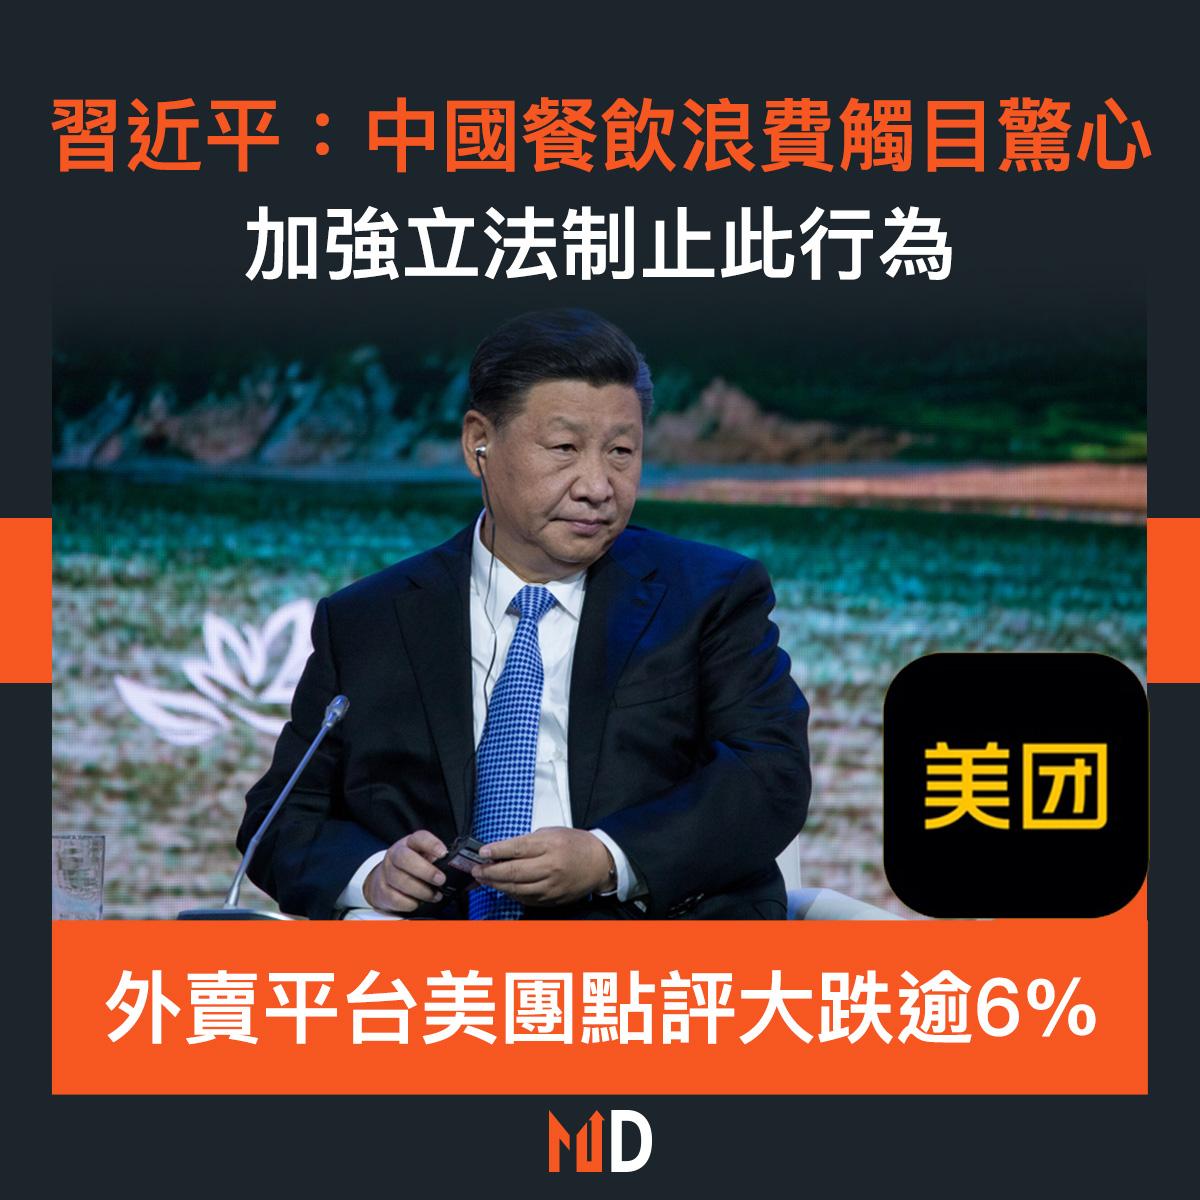 【市場熱話】習近平:中國餐飲浪費觸目驚心,加強立法制止此行為